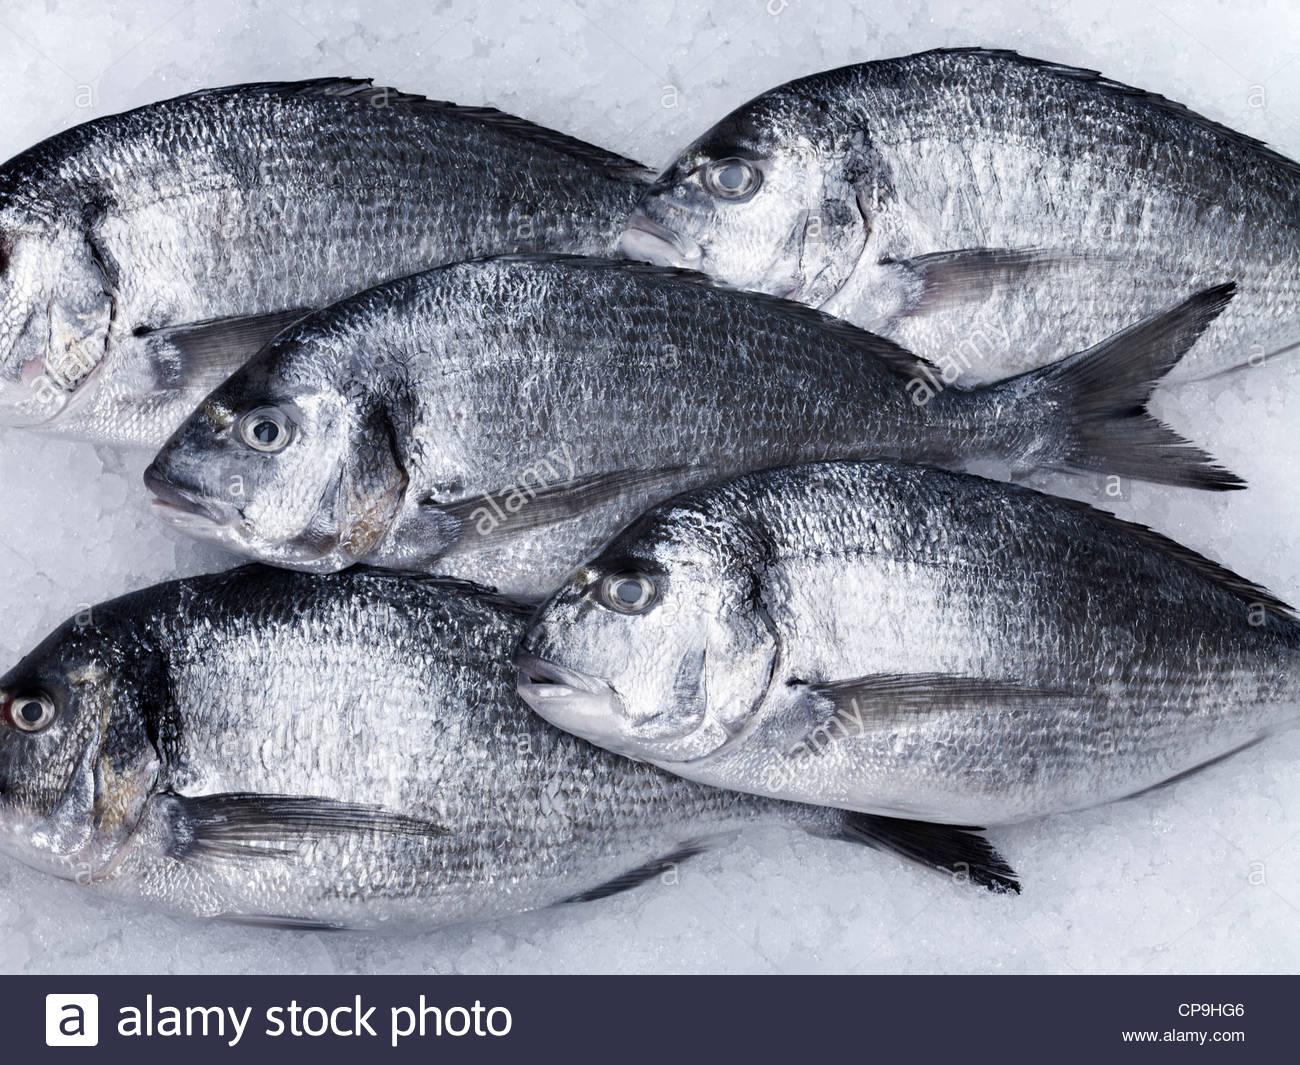 Los animales,cerrar,color,imagen,refrigeración peces muertos, pescado, pescado en hielo,5 animales,cinco objetos,formación,fresco,comida Imagen De Stock